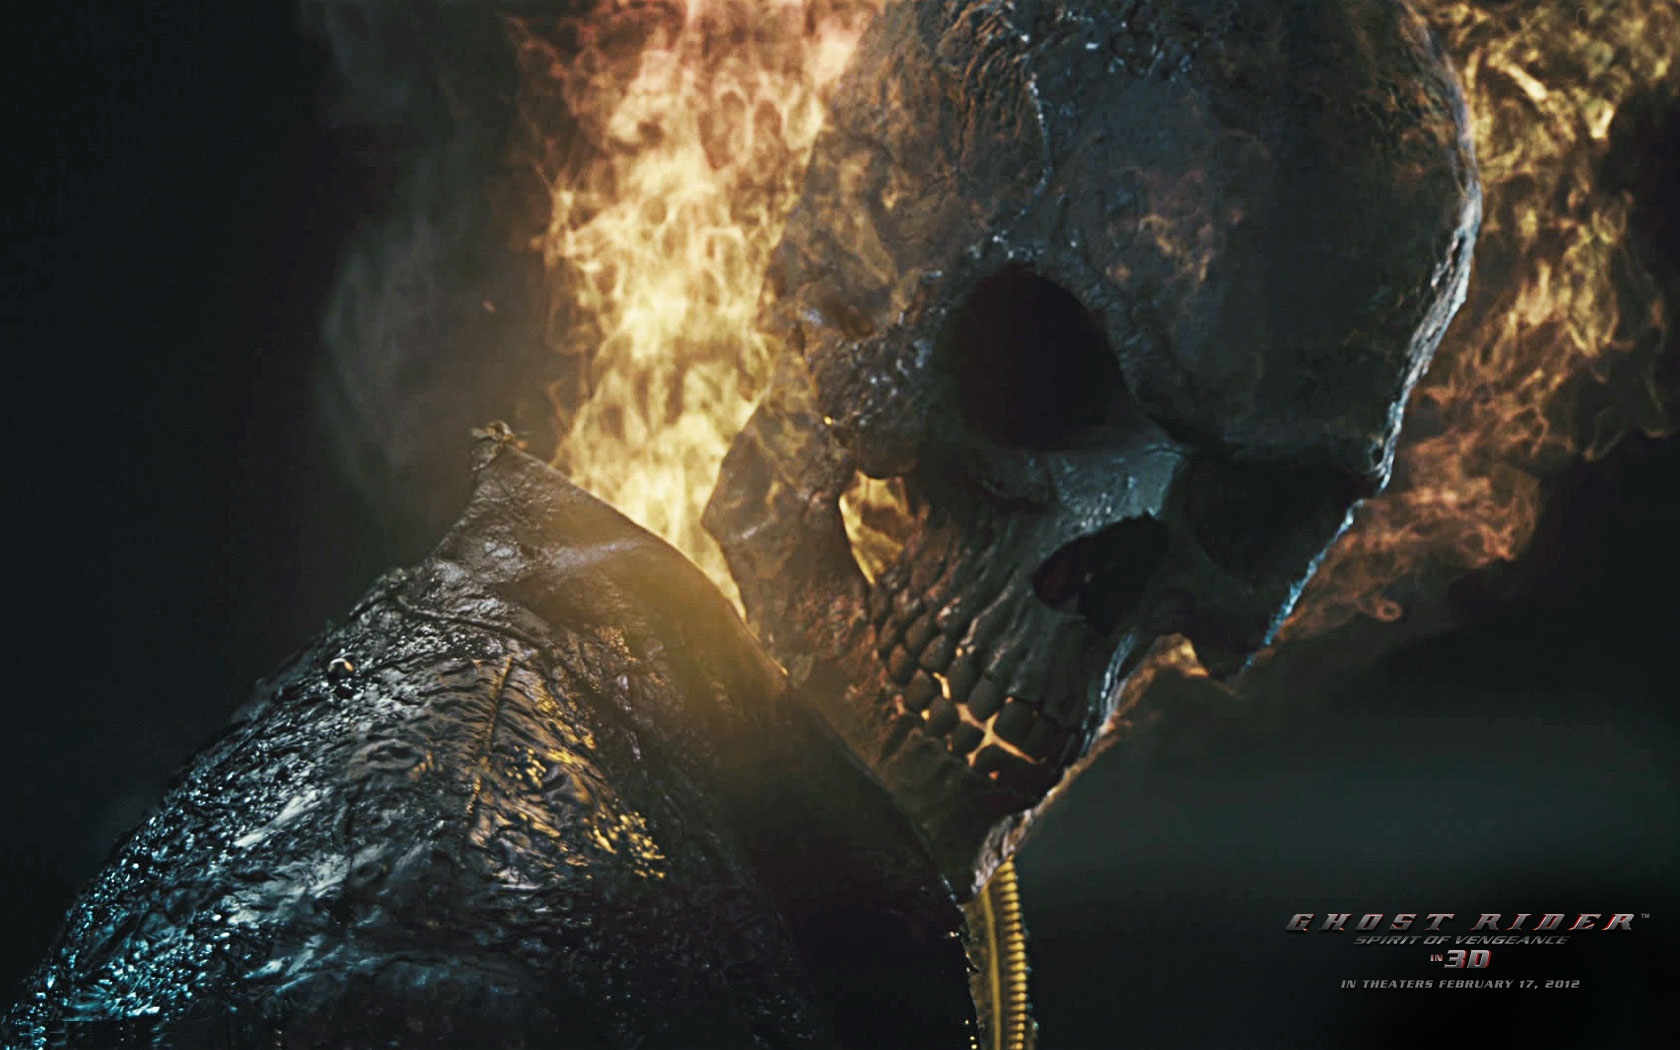 ghostrider 2 flaming skull